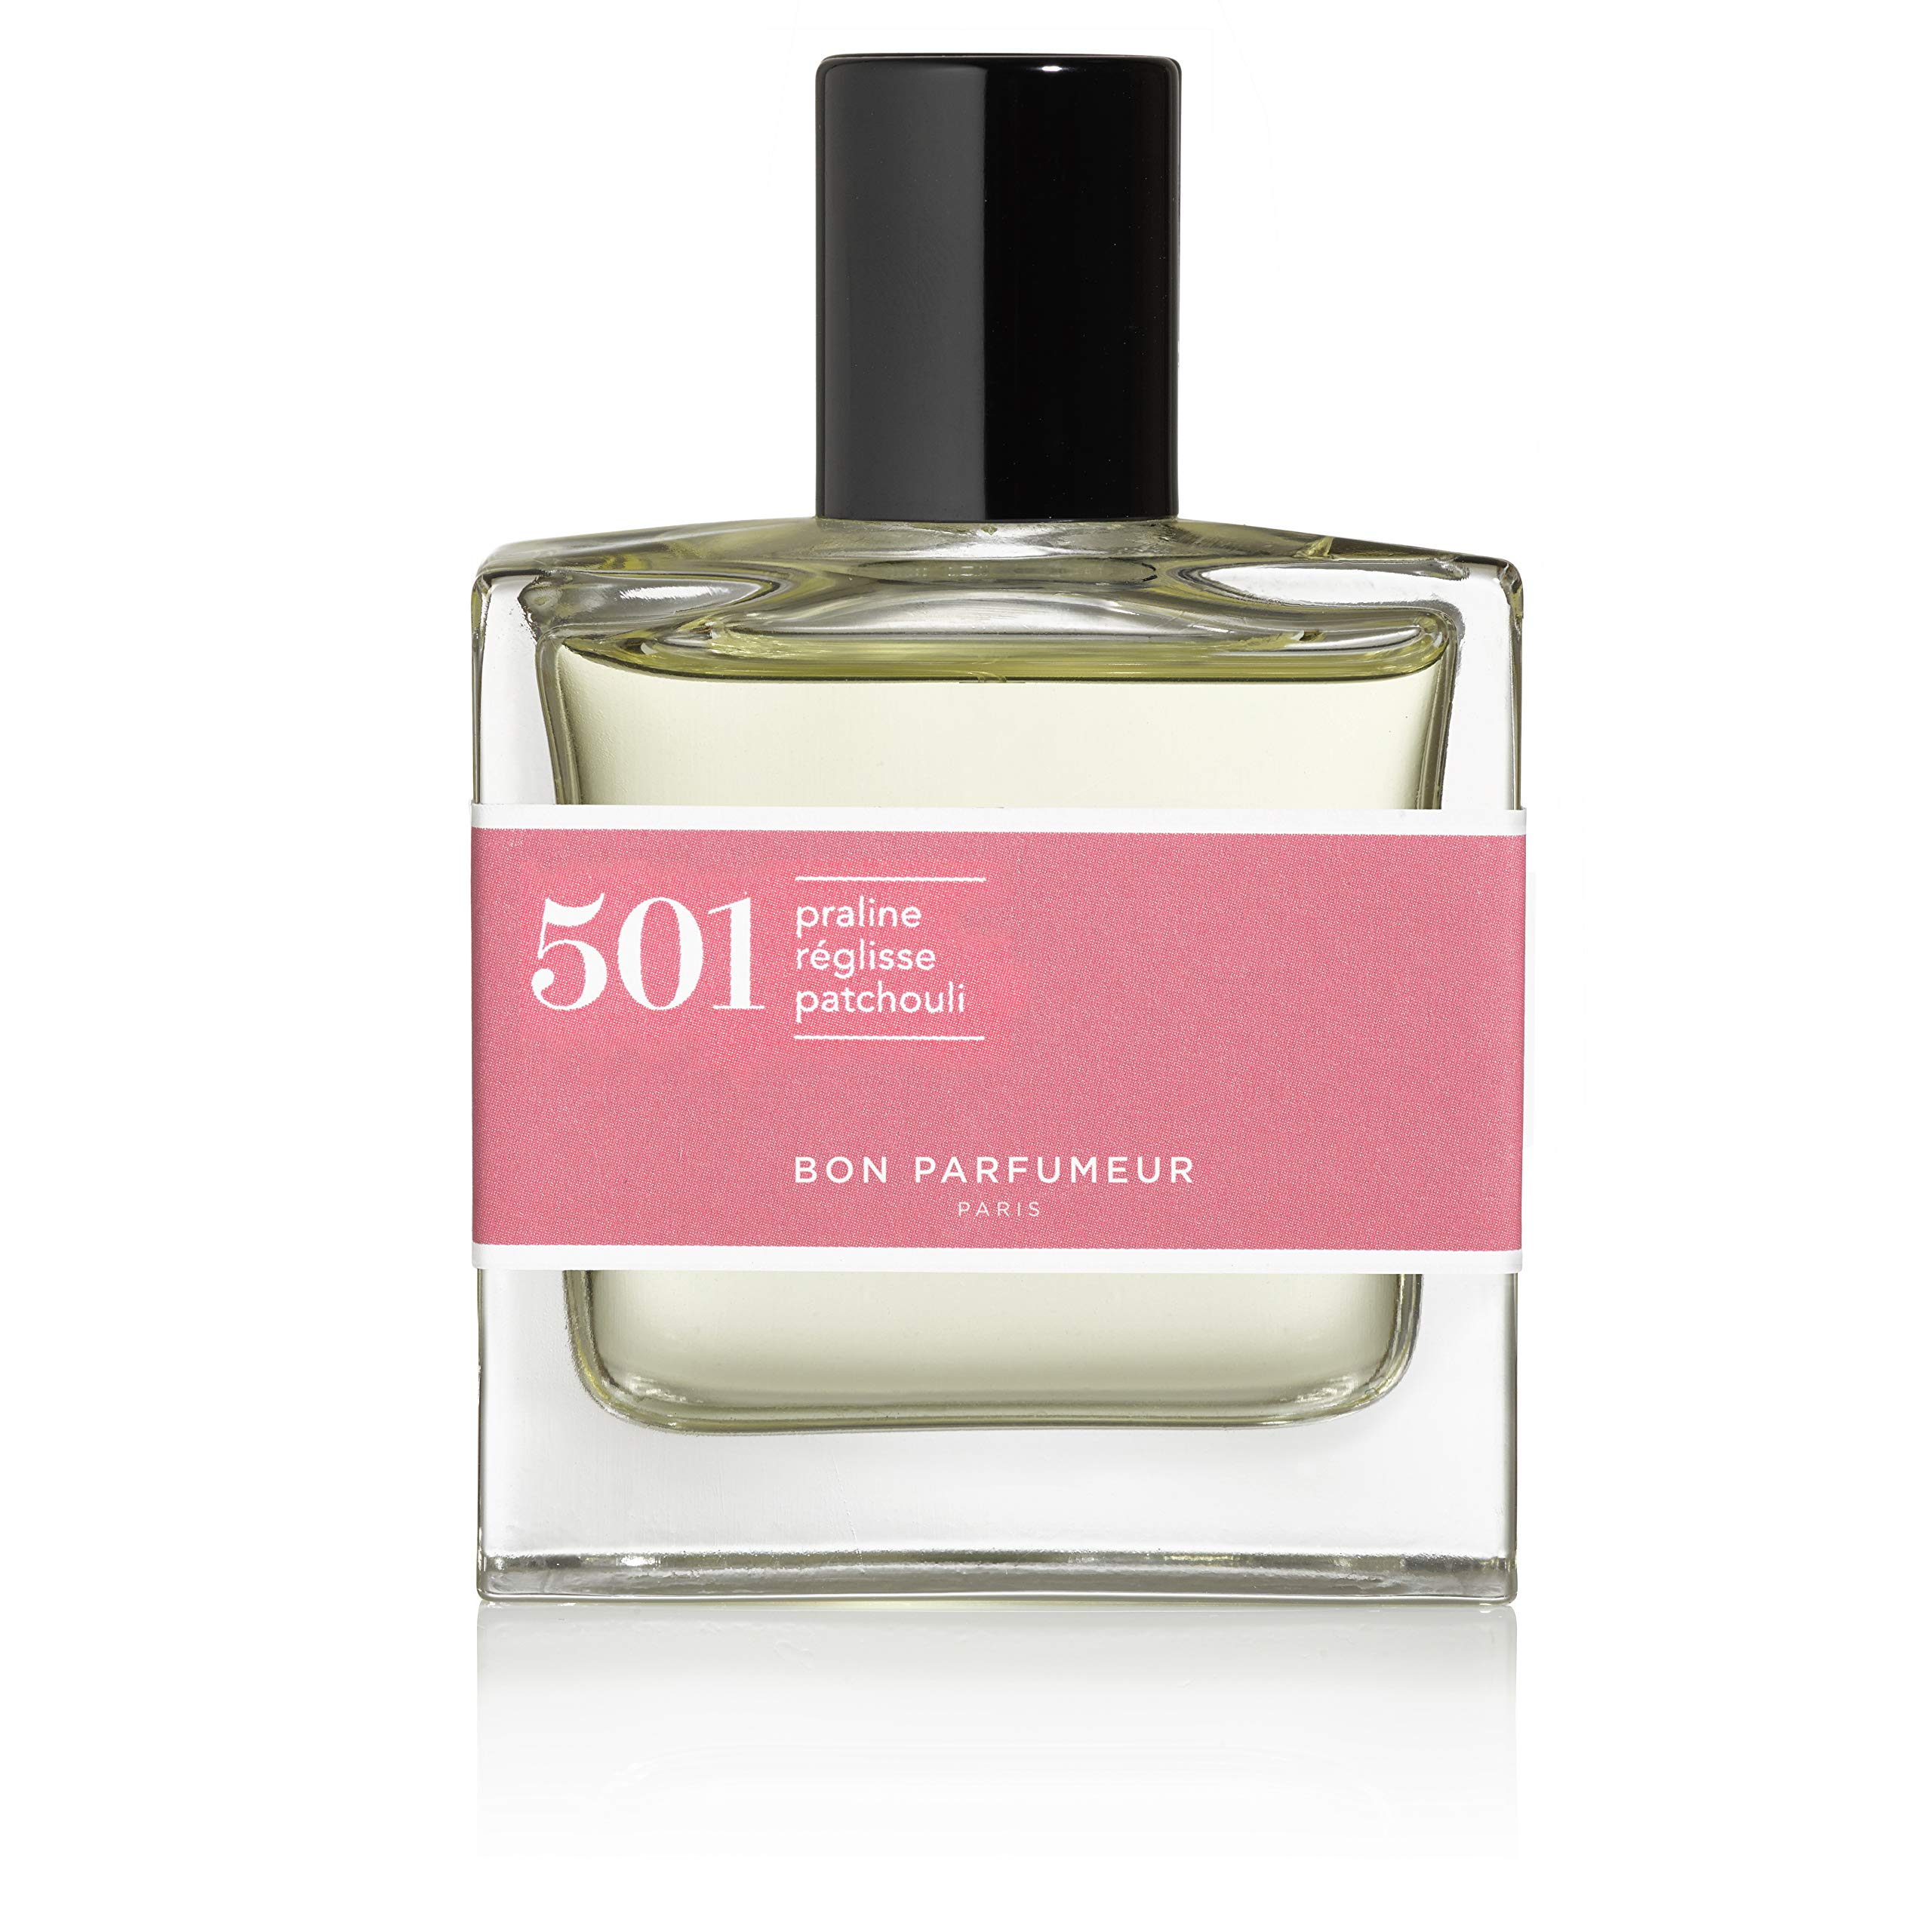 Bon Parfumeur Paris 501 Praline Licorice Patchouli (30 ml) by Bon Parfumeur Paris